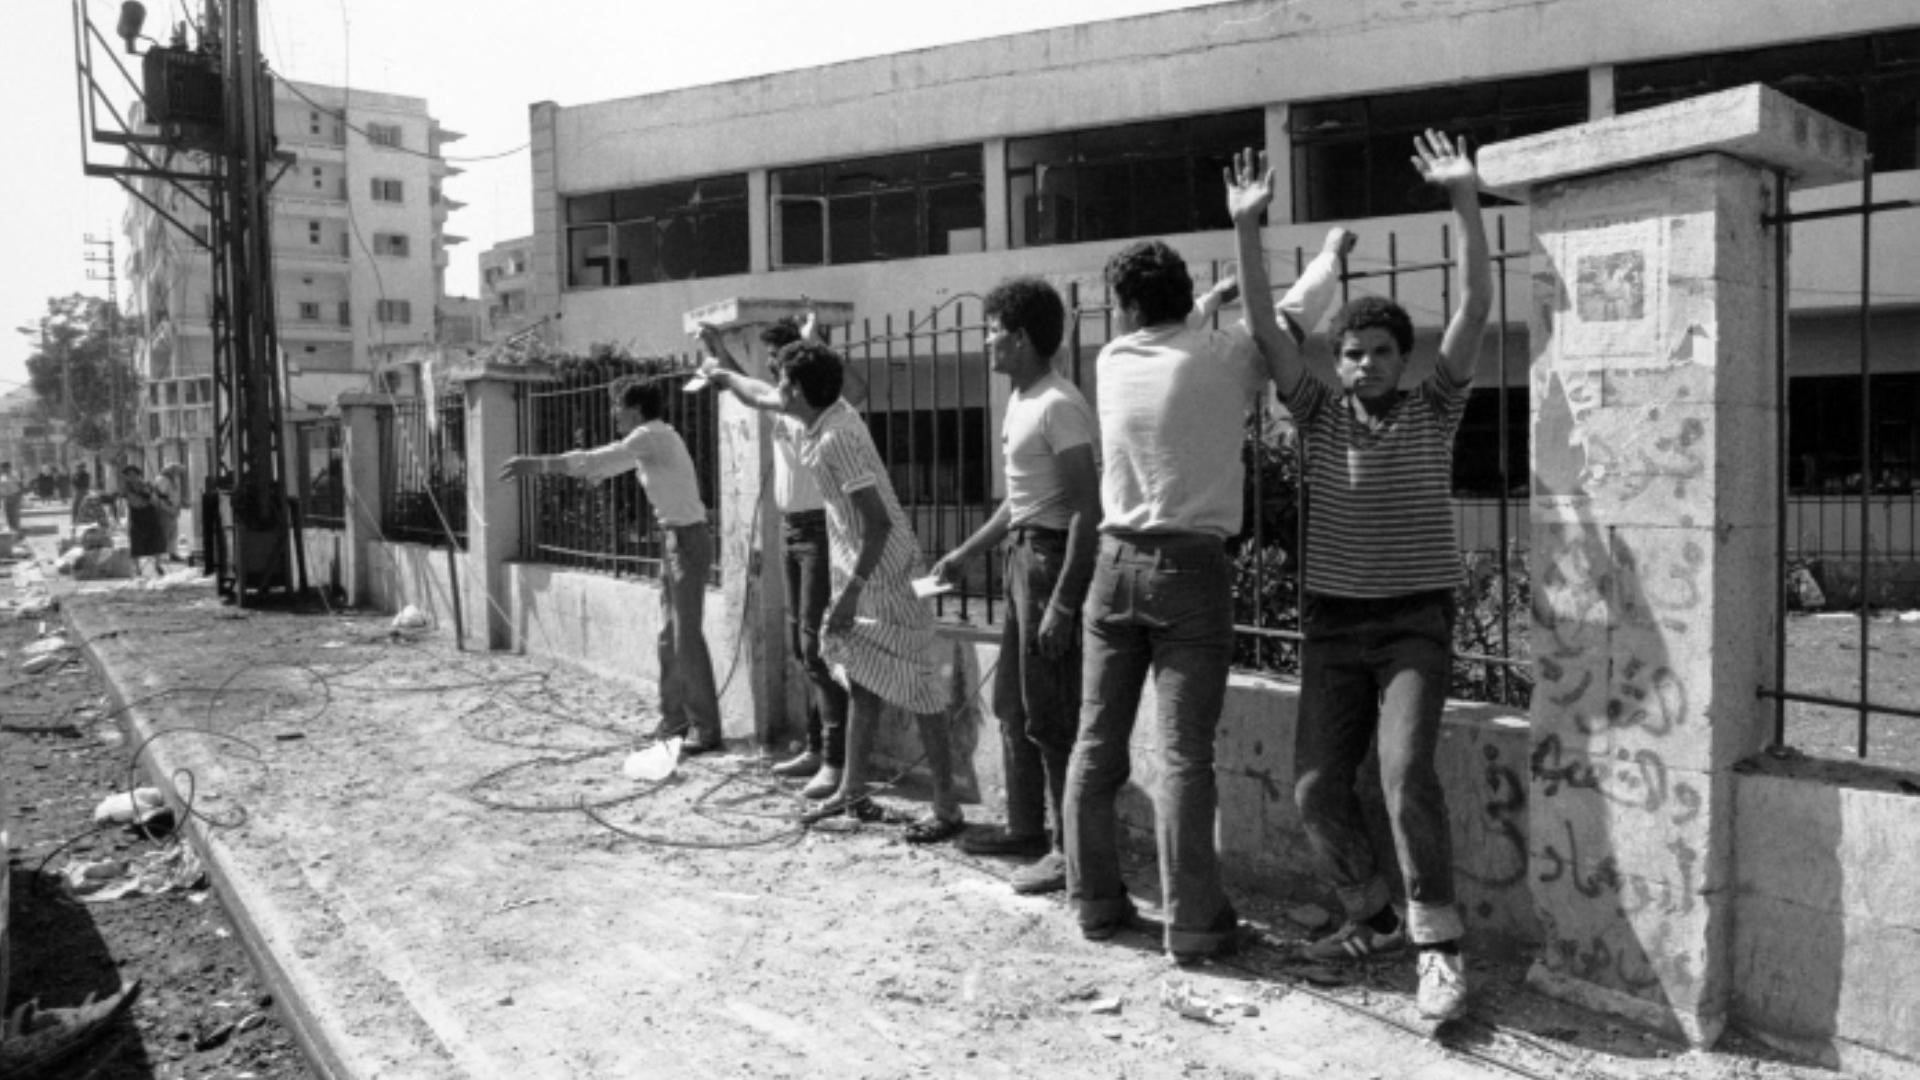 שש המלצות: פסטיבל הקולנוע ירושלים ה-39 ייפתח הערב בבריכת הסולטן